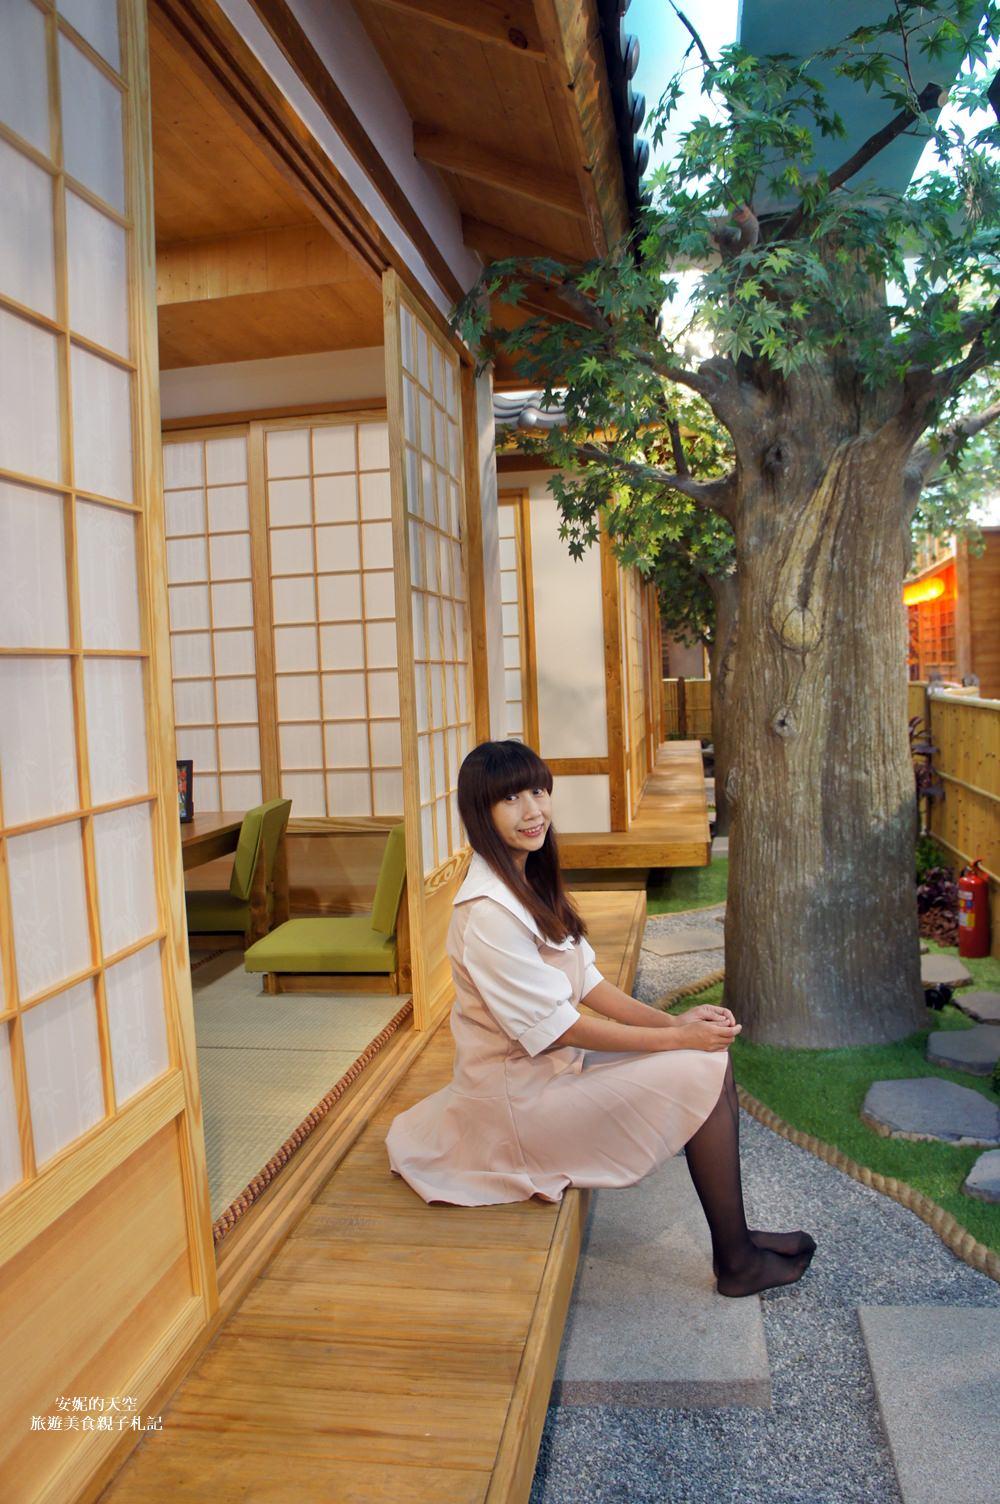 20180403224138 39 - 新莊美食│宏野不二村 蔬食親子餐廳 彷彿一秒走進日本國度